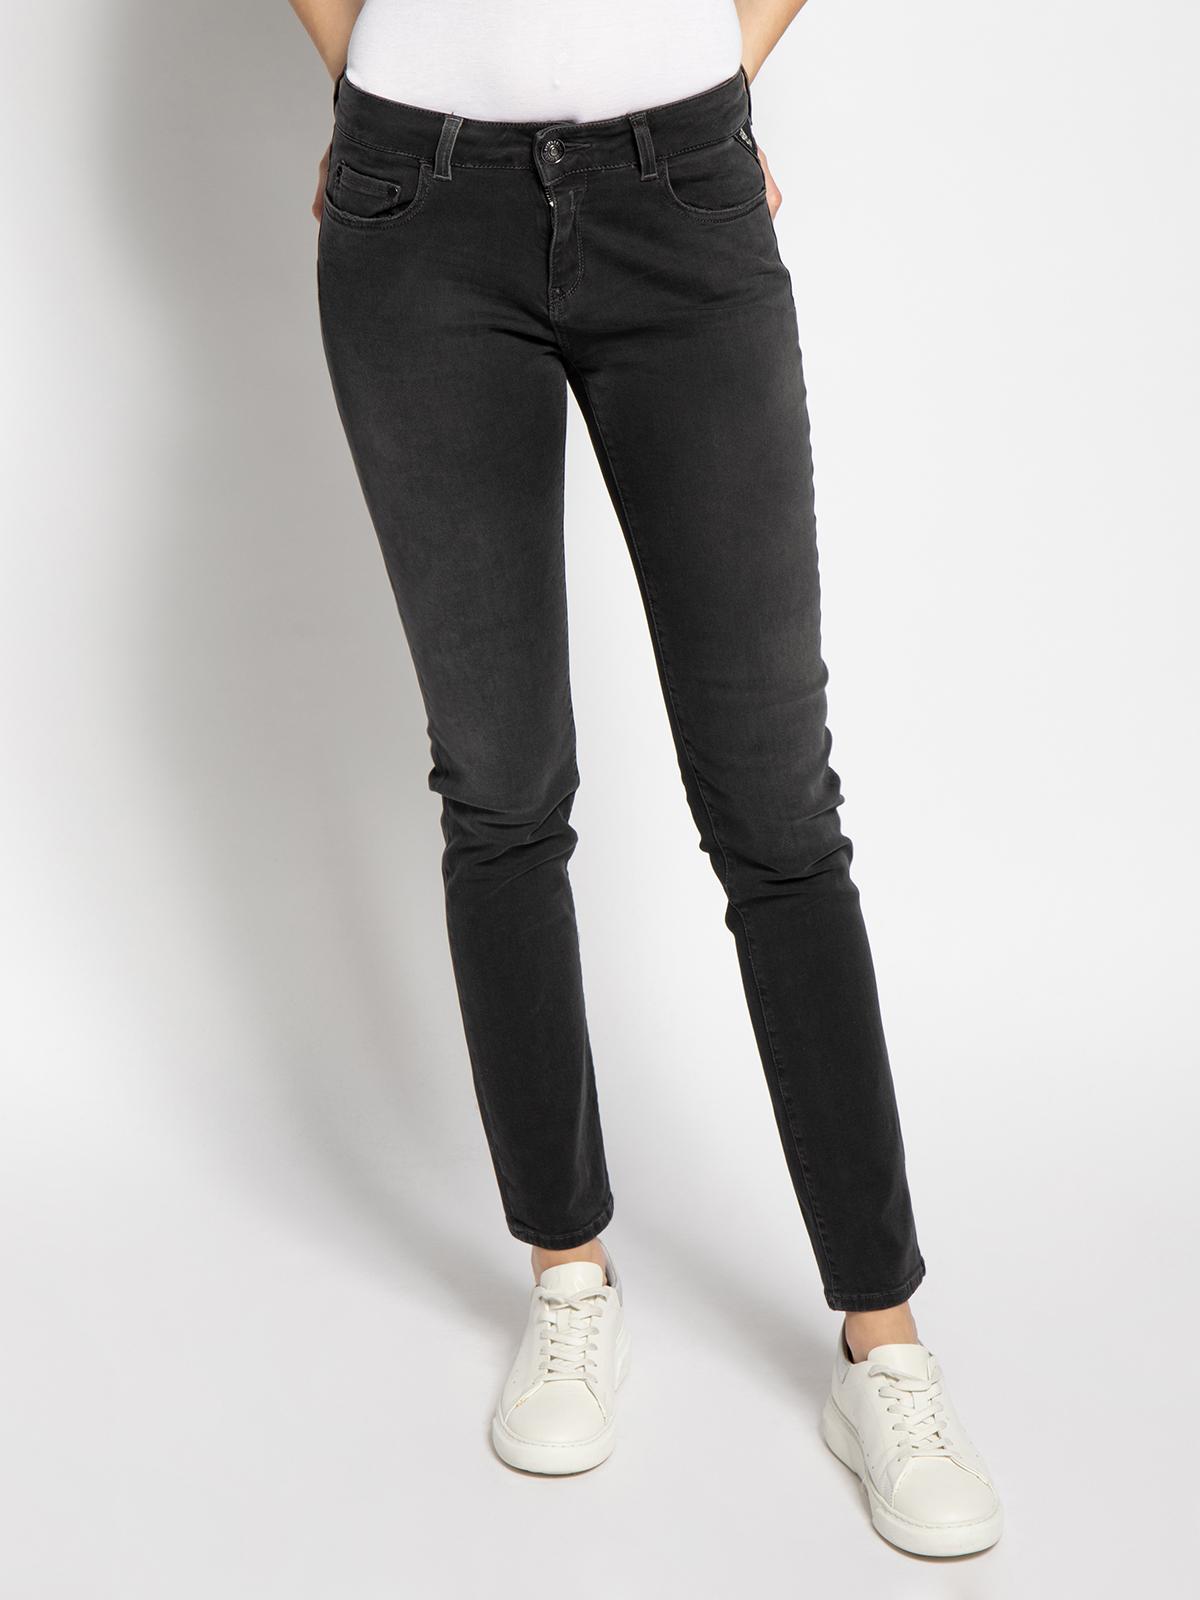 Replay Faaby Jeans in grau für Damen, Größe: 31-30